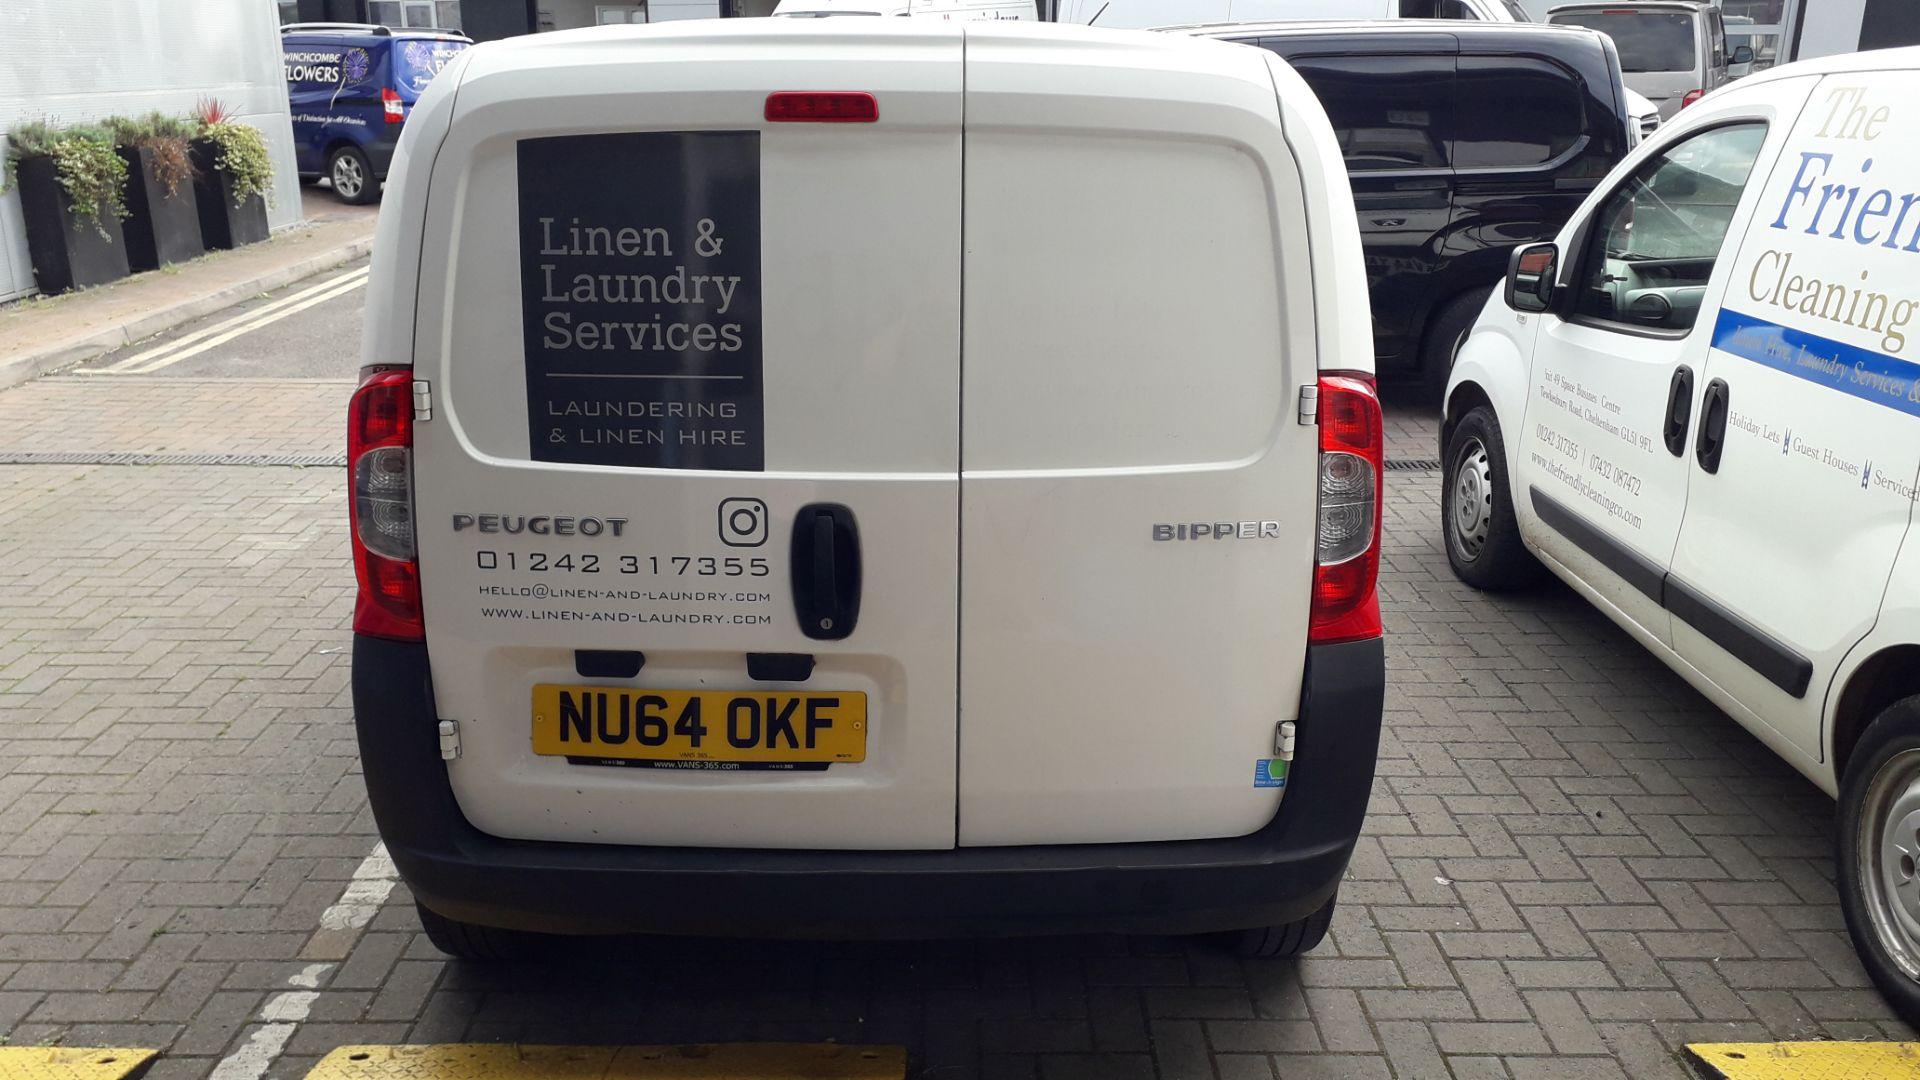 Peugeot Bipper 1.3 Hdi 75 S Diesel Van, Registrati - Image 5 of 13